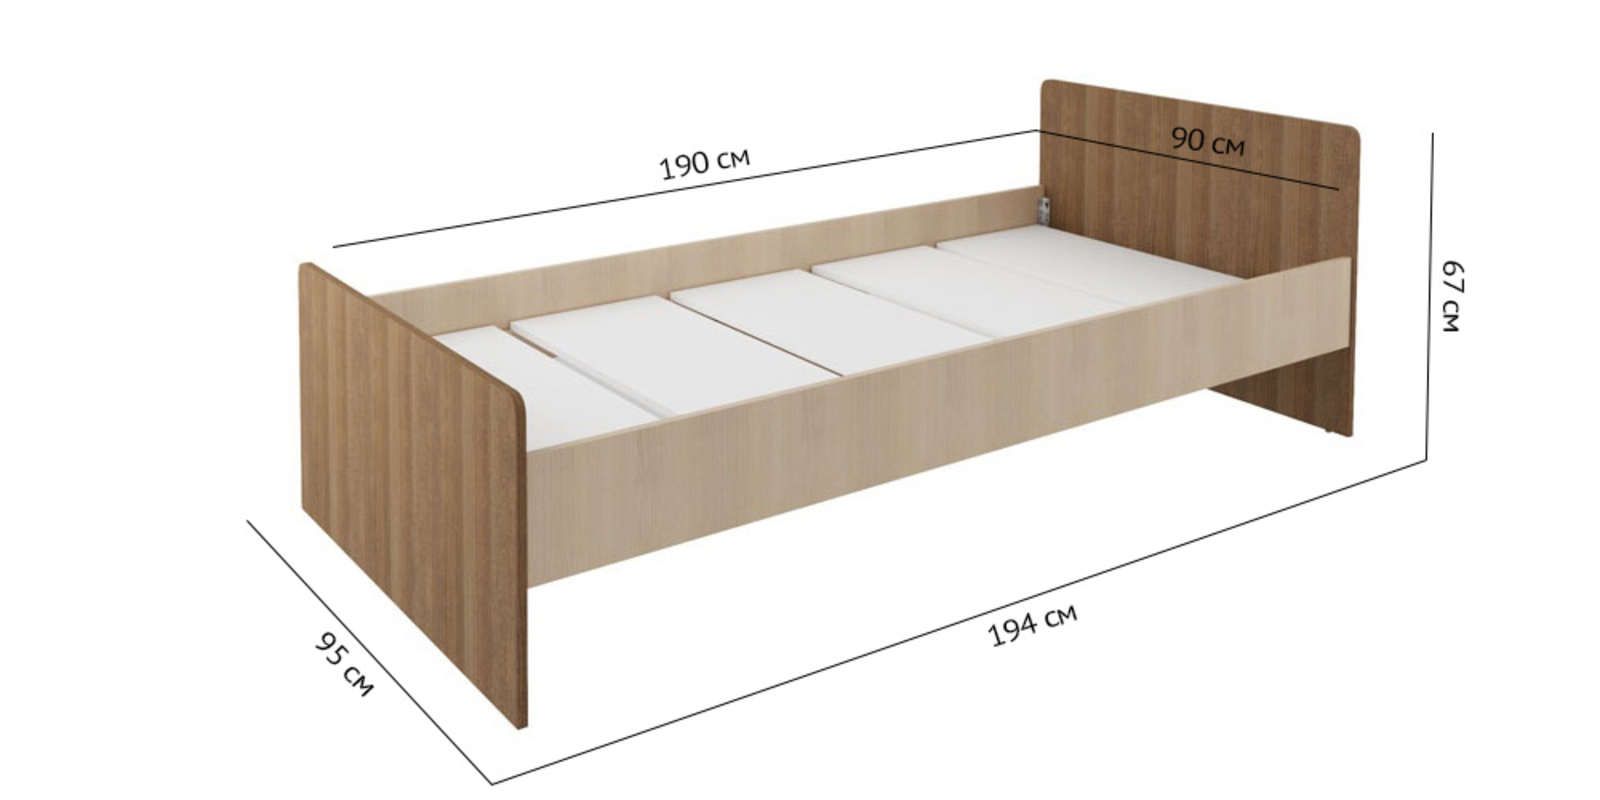 Кровать односпальная Лакки без подъемного механизма (дуб кремона/ясень кассино)